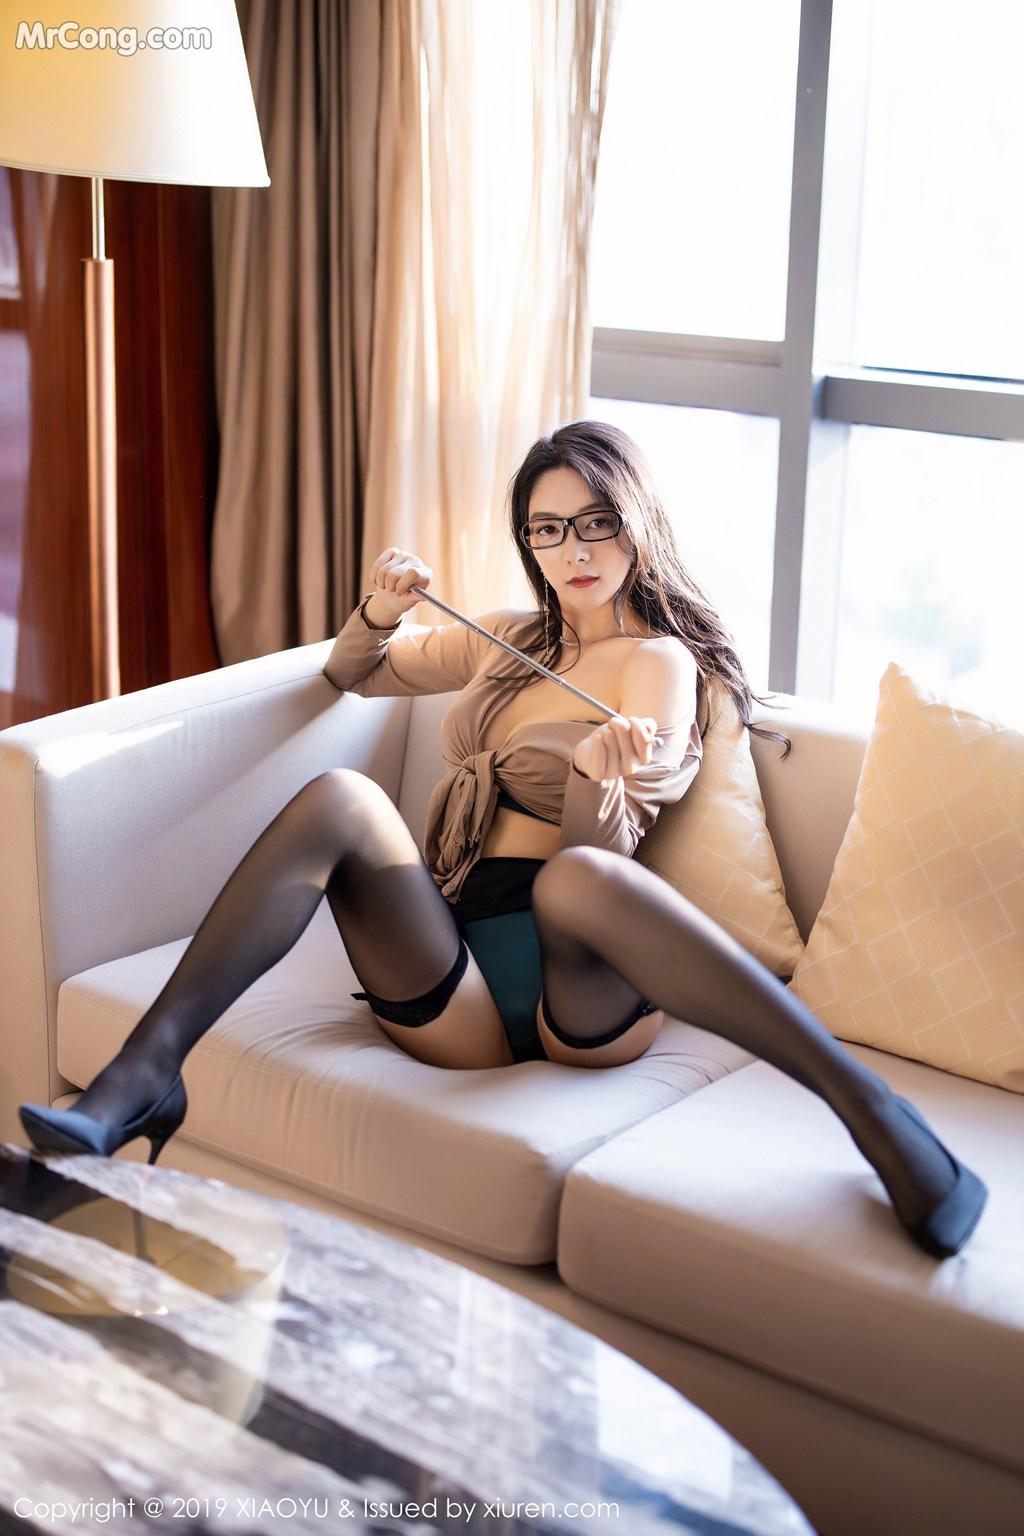 Image XiaoYu-Vol.154-Xiao-Reba-Angela-MrCong.com-053 in post XiaoYu Vol.154: Xiao Reba (Angela小热巴) (97 ảnh)